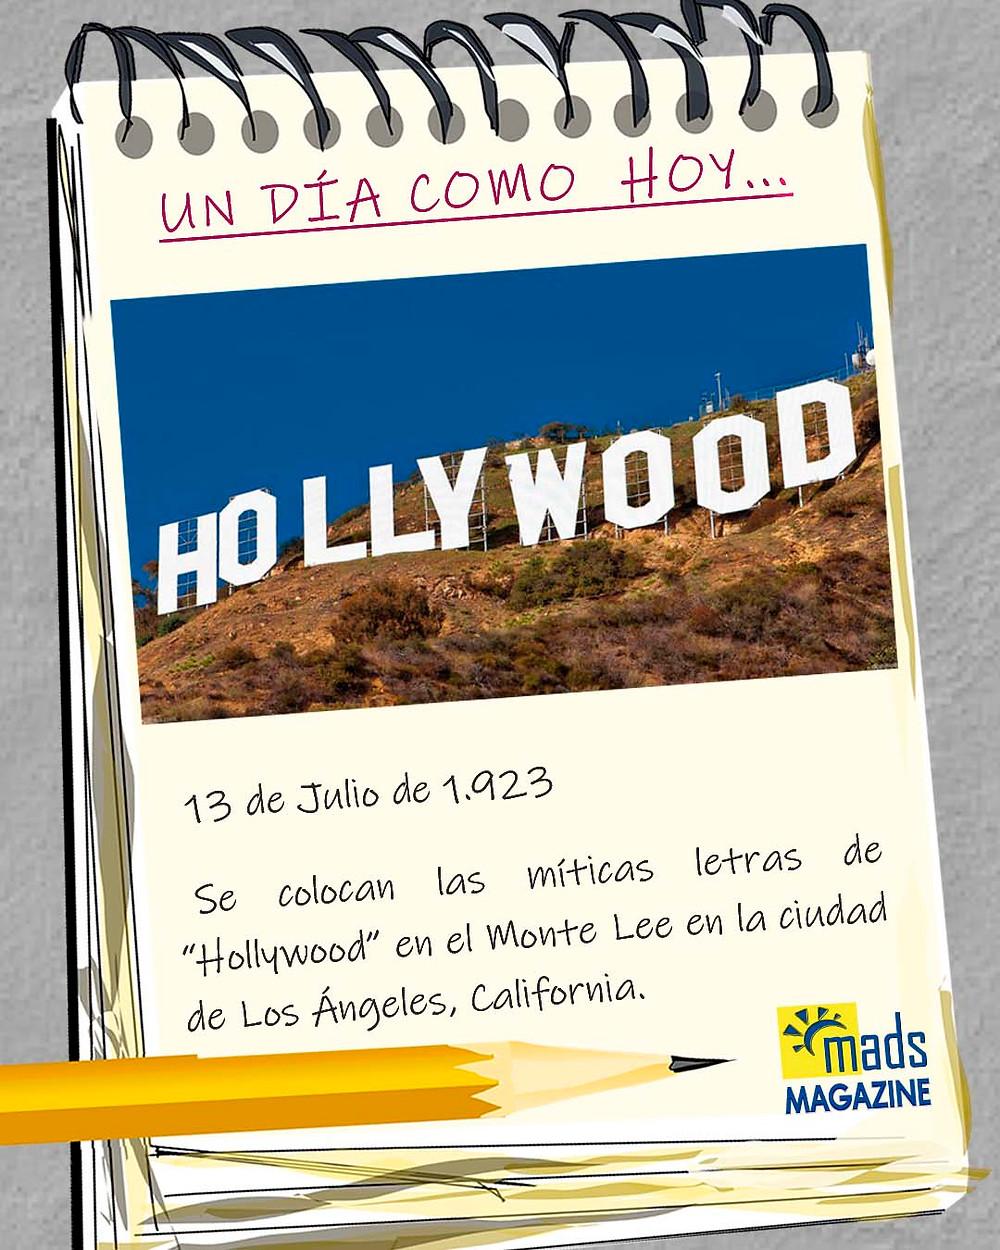 Las icónicas letras de Hollywood se colocaron por vez primera el 13 de julio de 1923